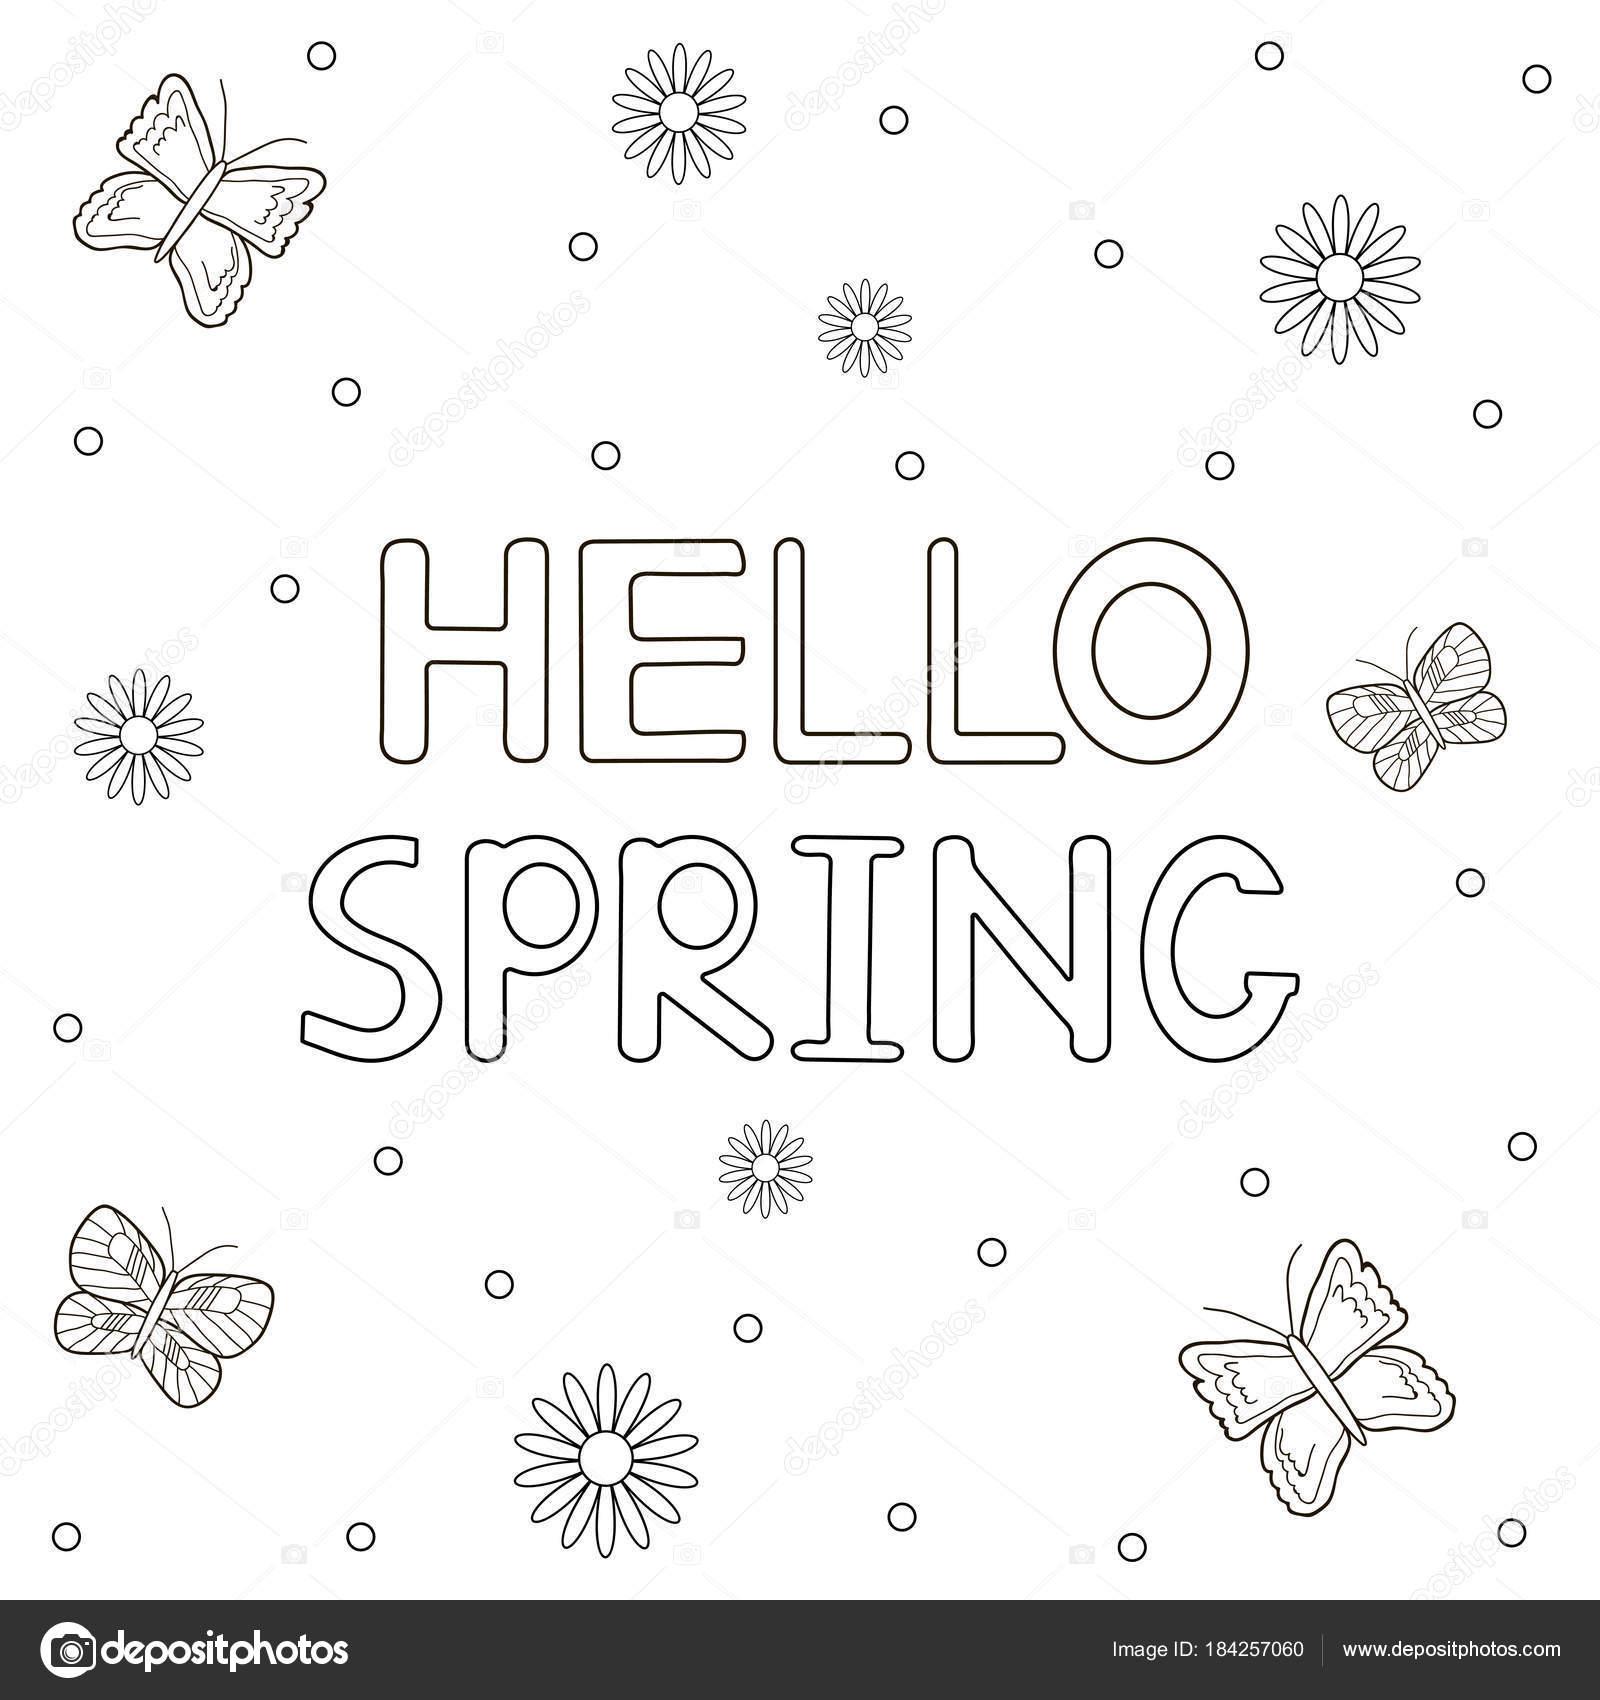 Schmetterlinge Malvorlagen mit handgezeichneten Text \